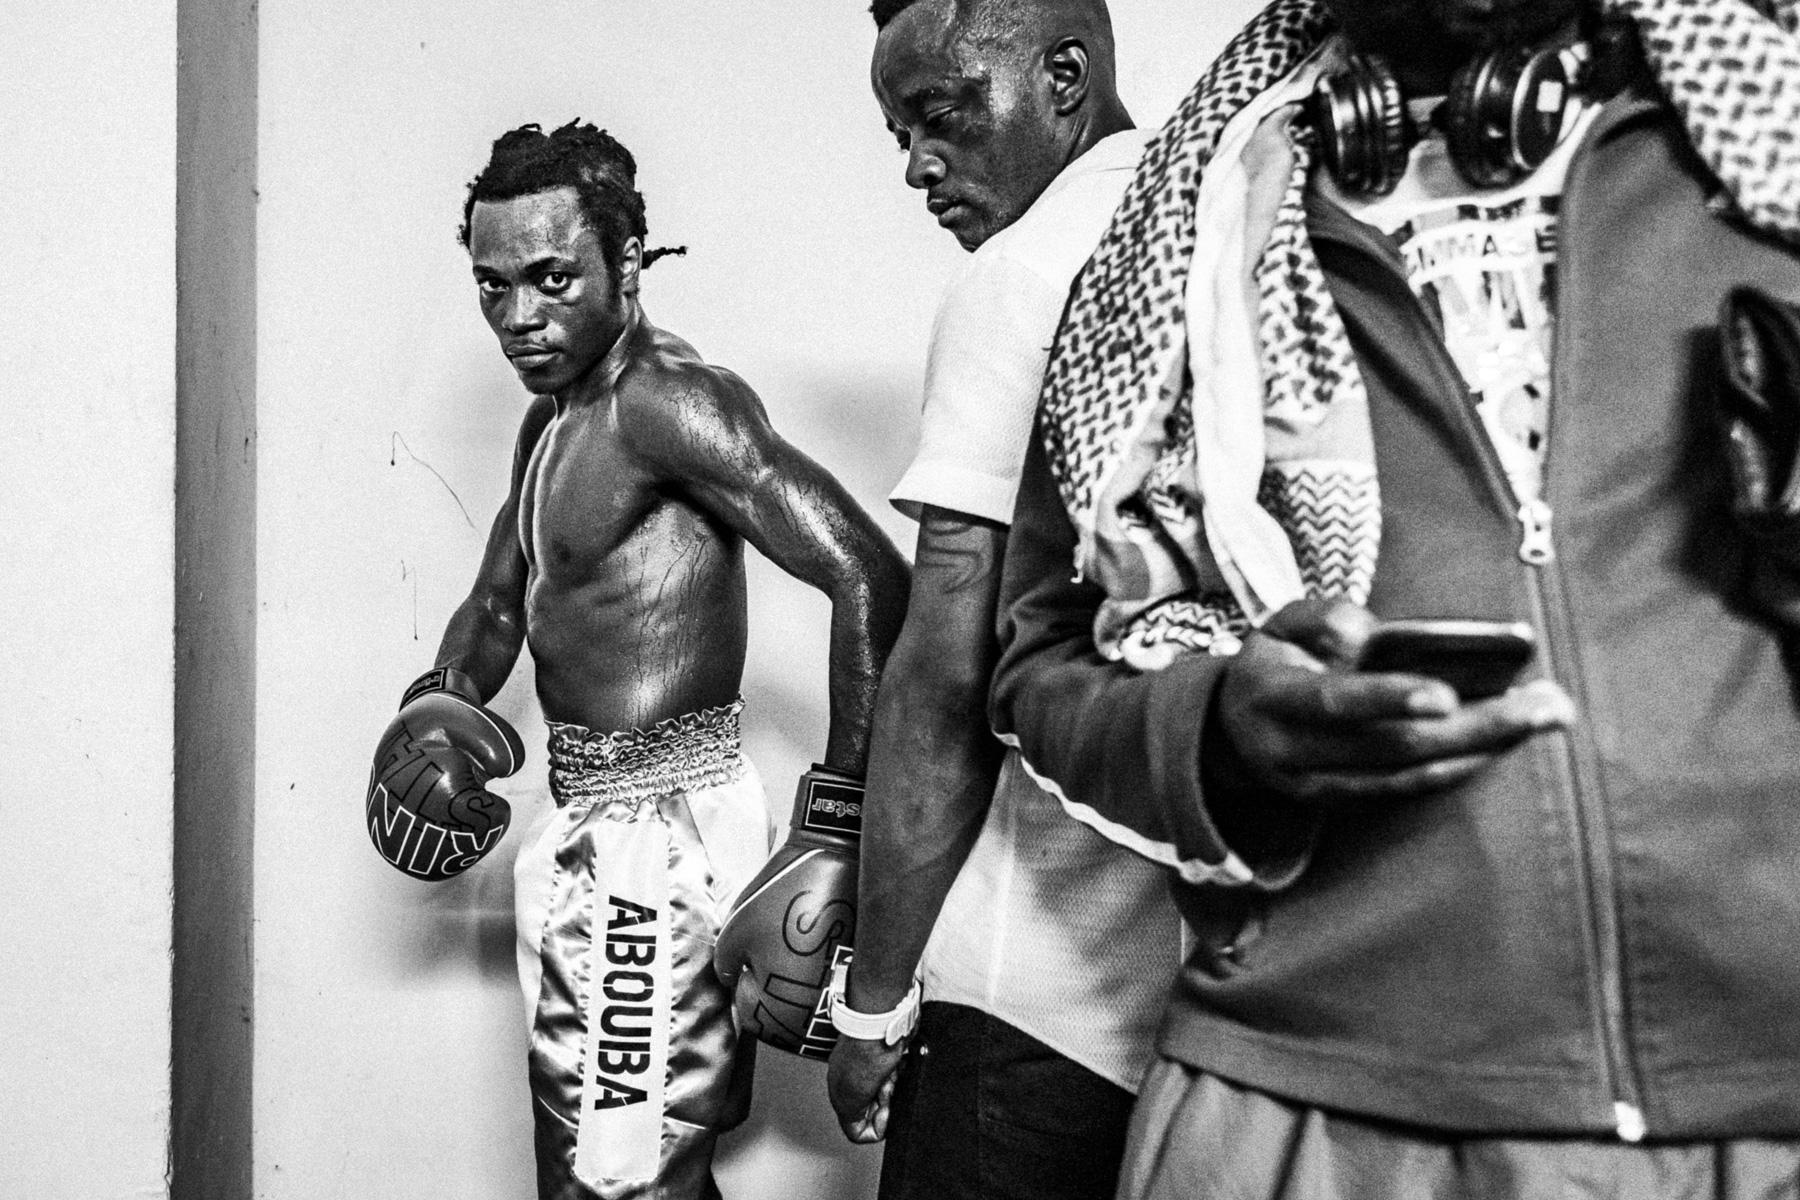 Le boxeur Abouba Kabeya, avant son combat. Kinshasa, octobre 2014.